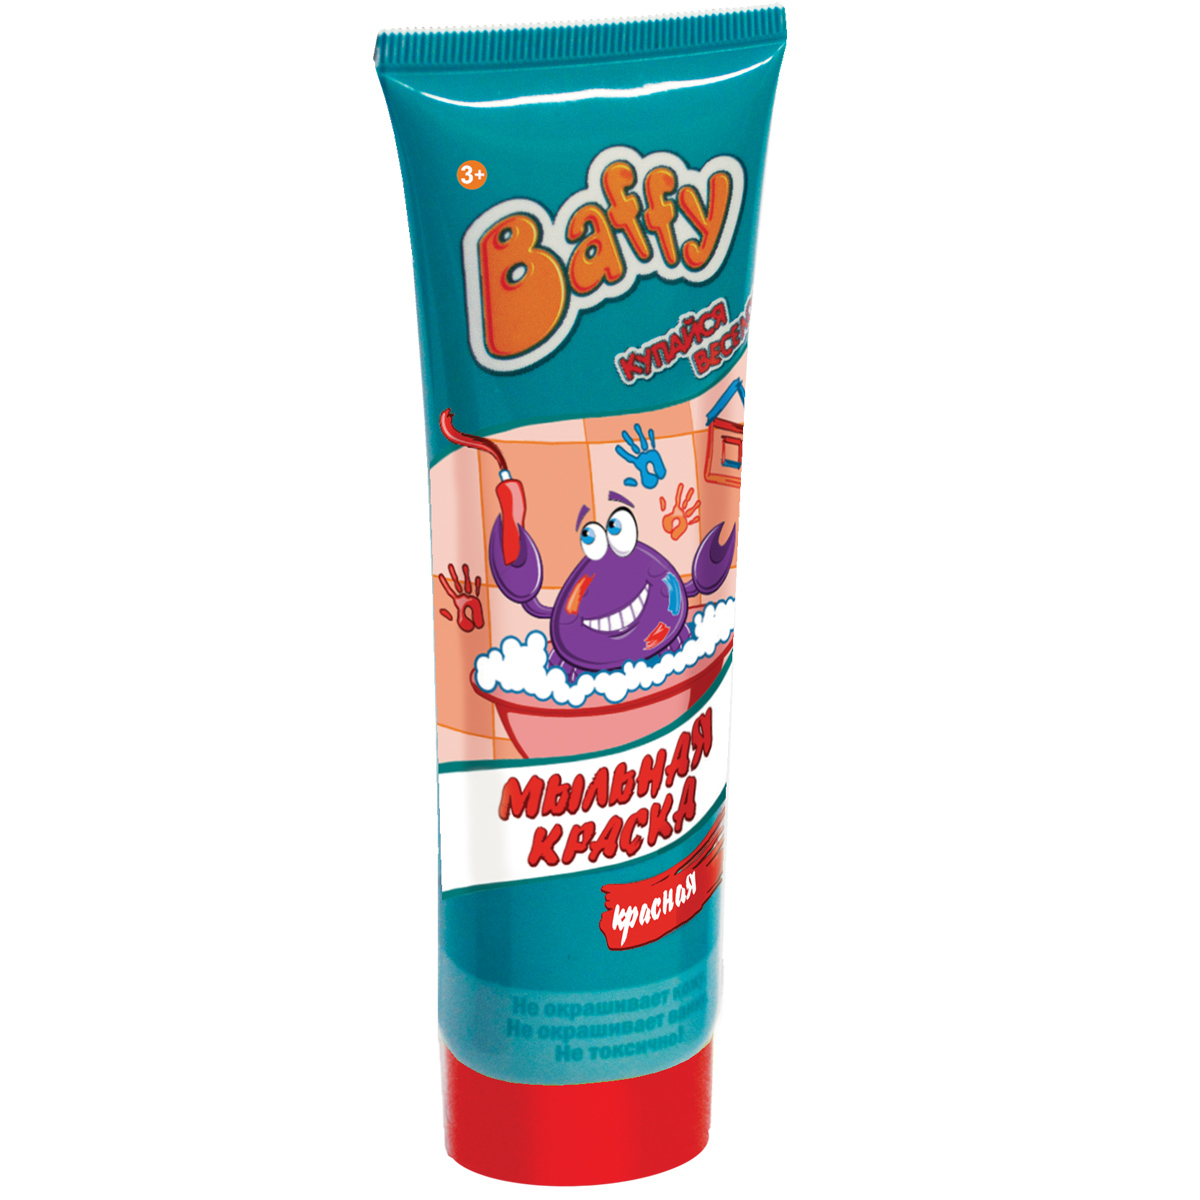 Baffy Мыльная краска цвет красныйFS-00897Купание в ванне превратится в увлекательную и творческую игру с помощью мыльной краски Baffy. Теперь можно рисовать прямо в ванной! Нанесите краски на кожу, рисуйте на кафельной поверхности или самой ванне. Благодаря специальному мыльному составу, красками можно не только рисовать, но и мыться. Легко смываются водой. Не окрашивает кожу и ванну. Безопасно для кожи ребенка. Объем: 75 мл.